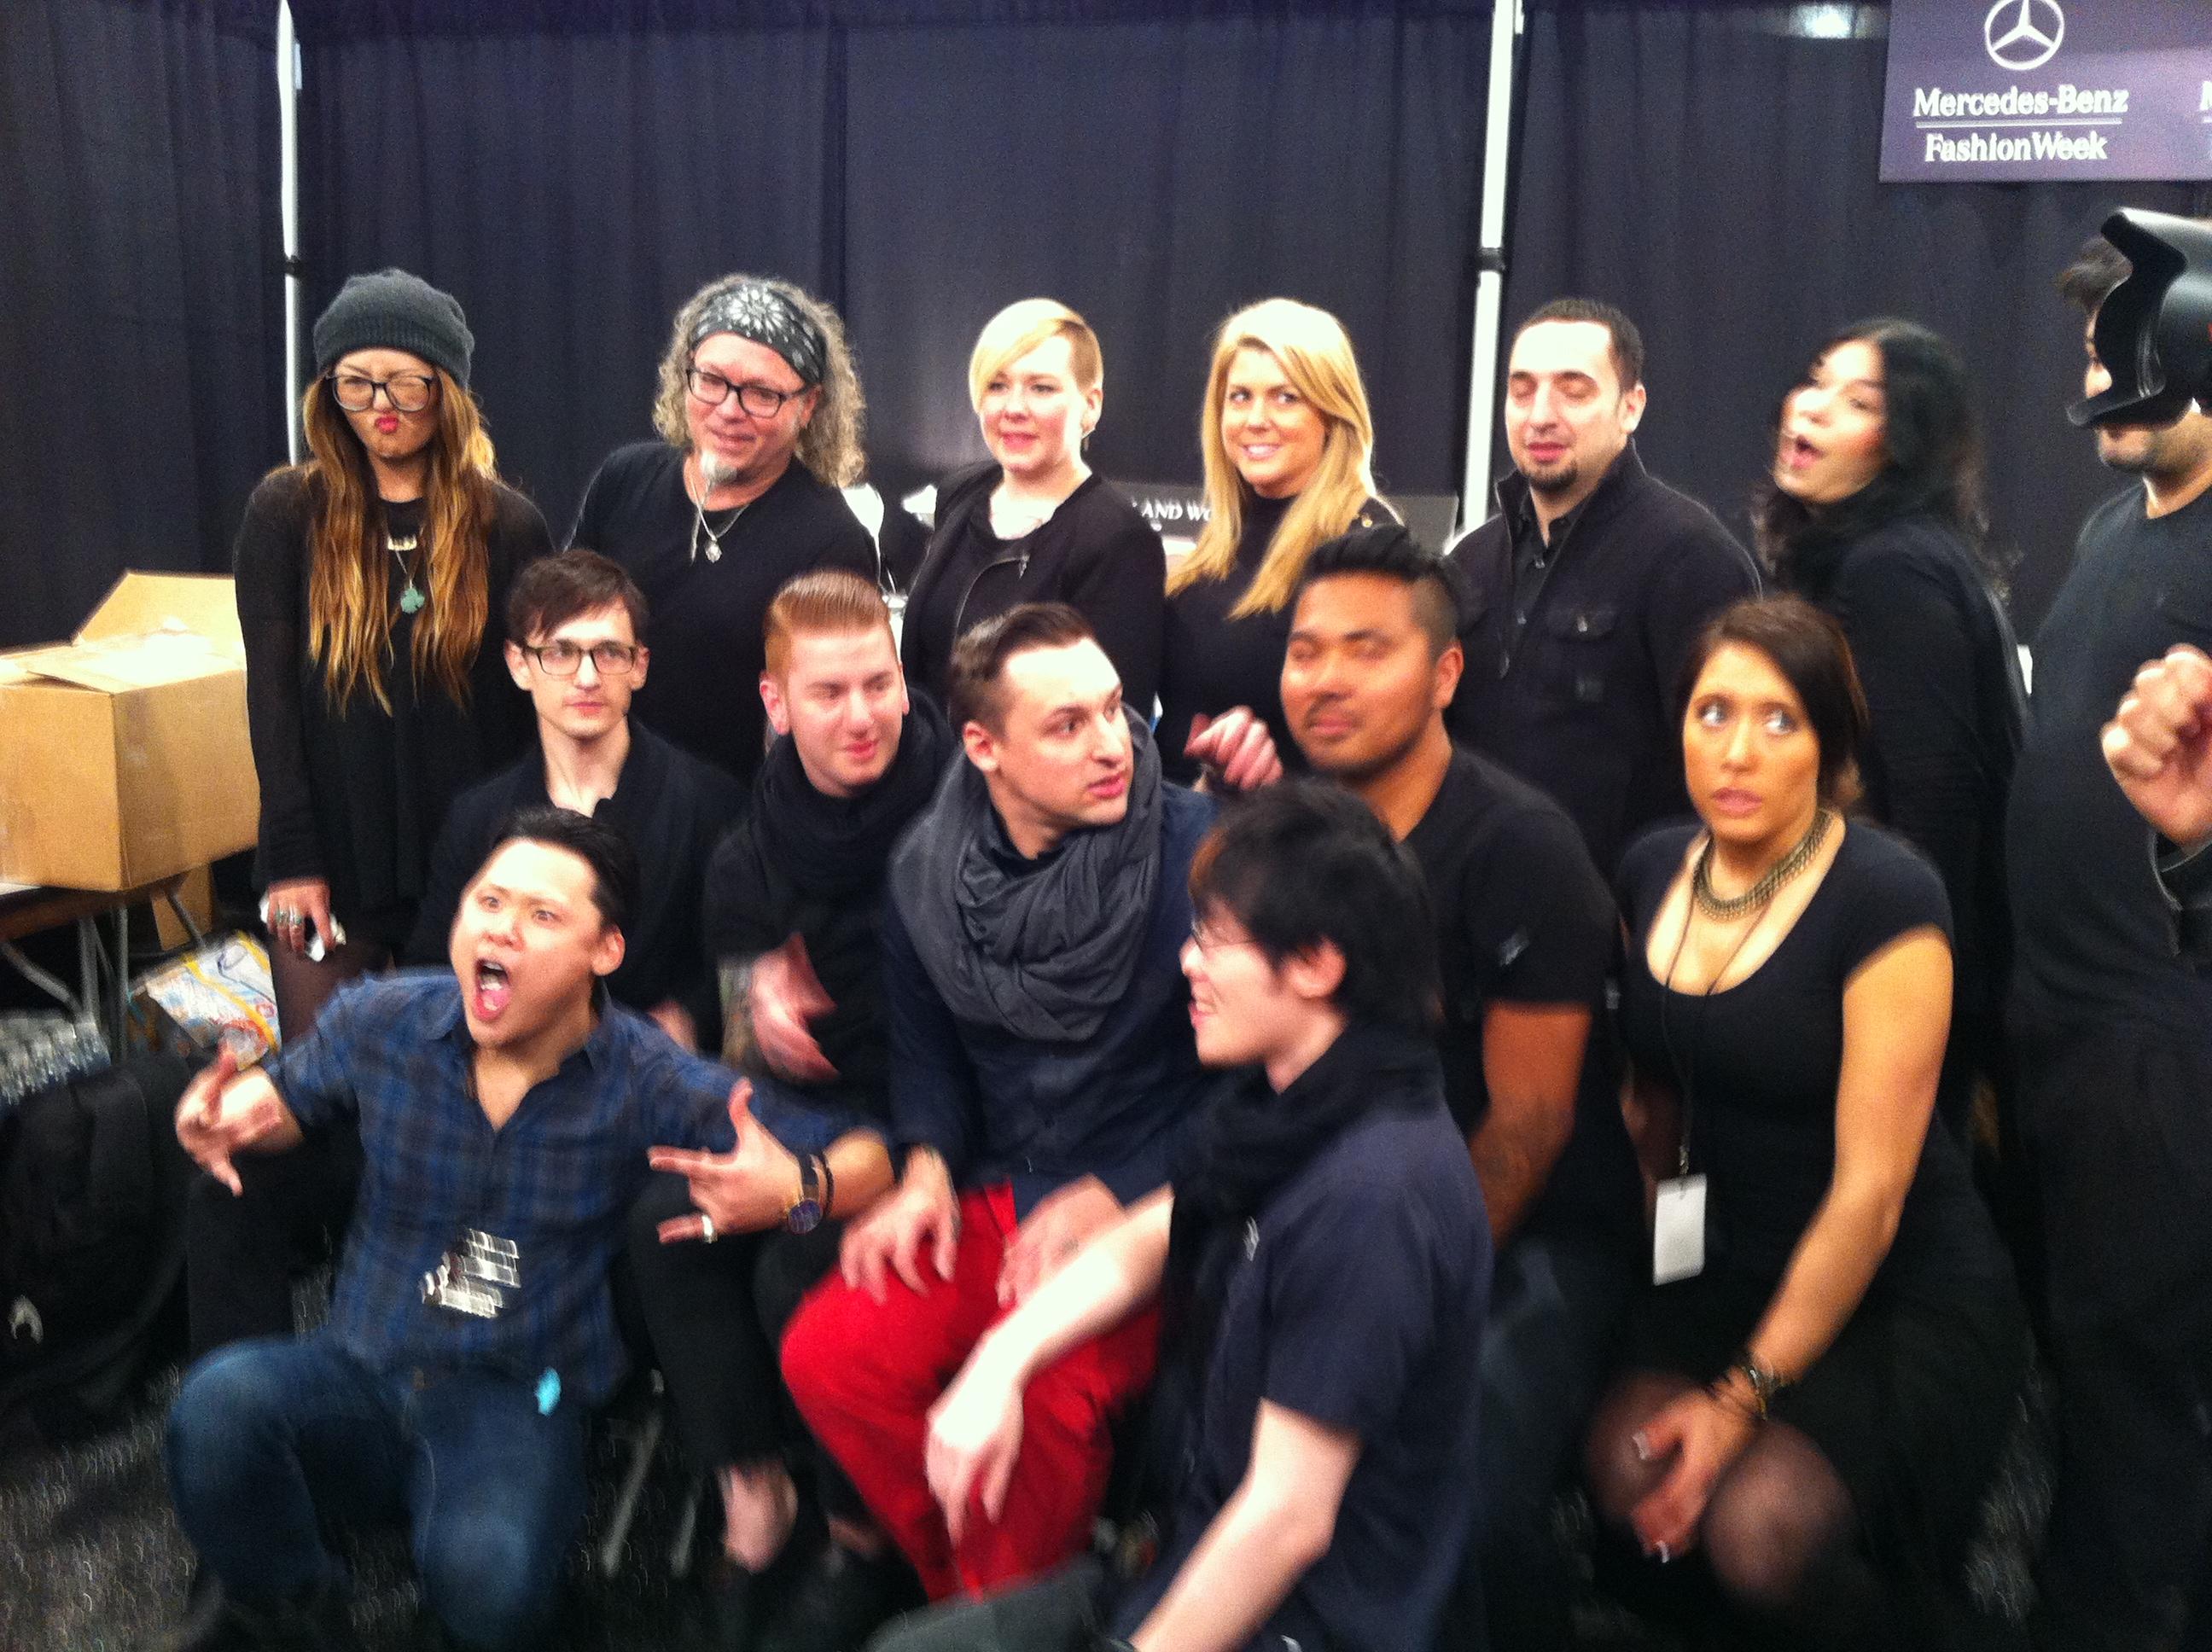 The L'Oréal Professionnel hair team backstage